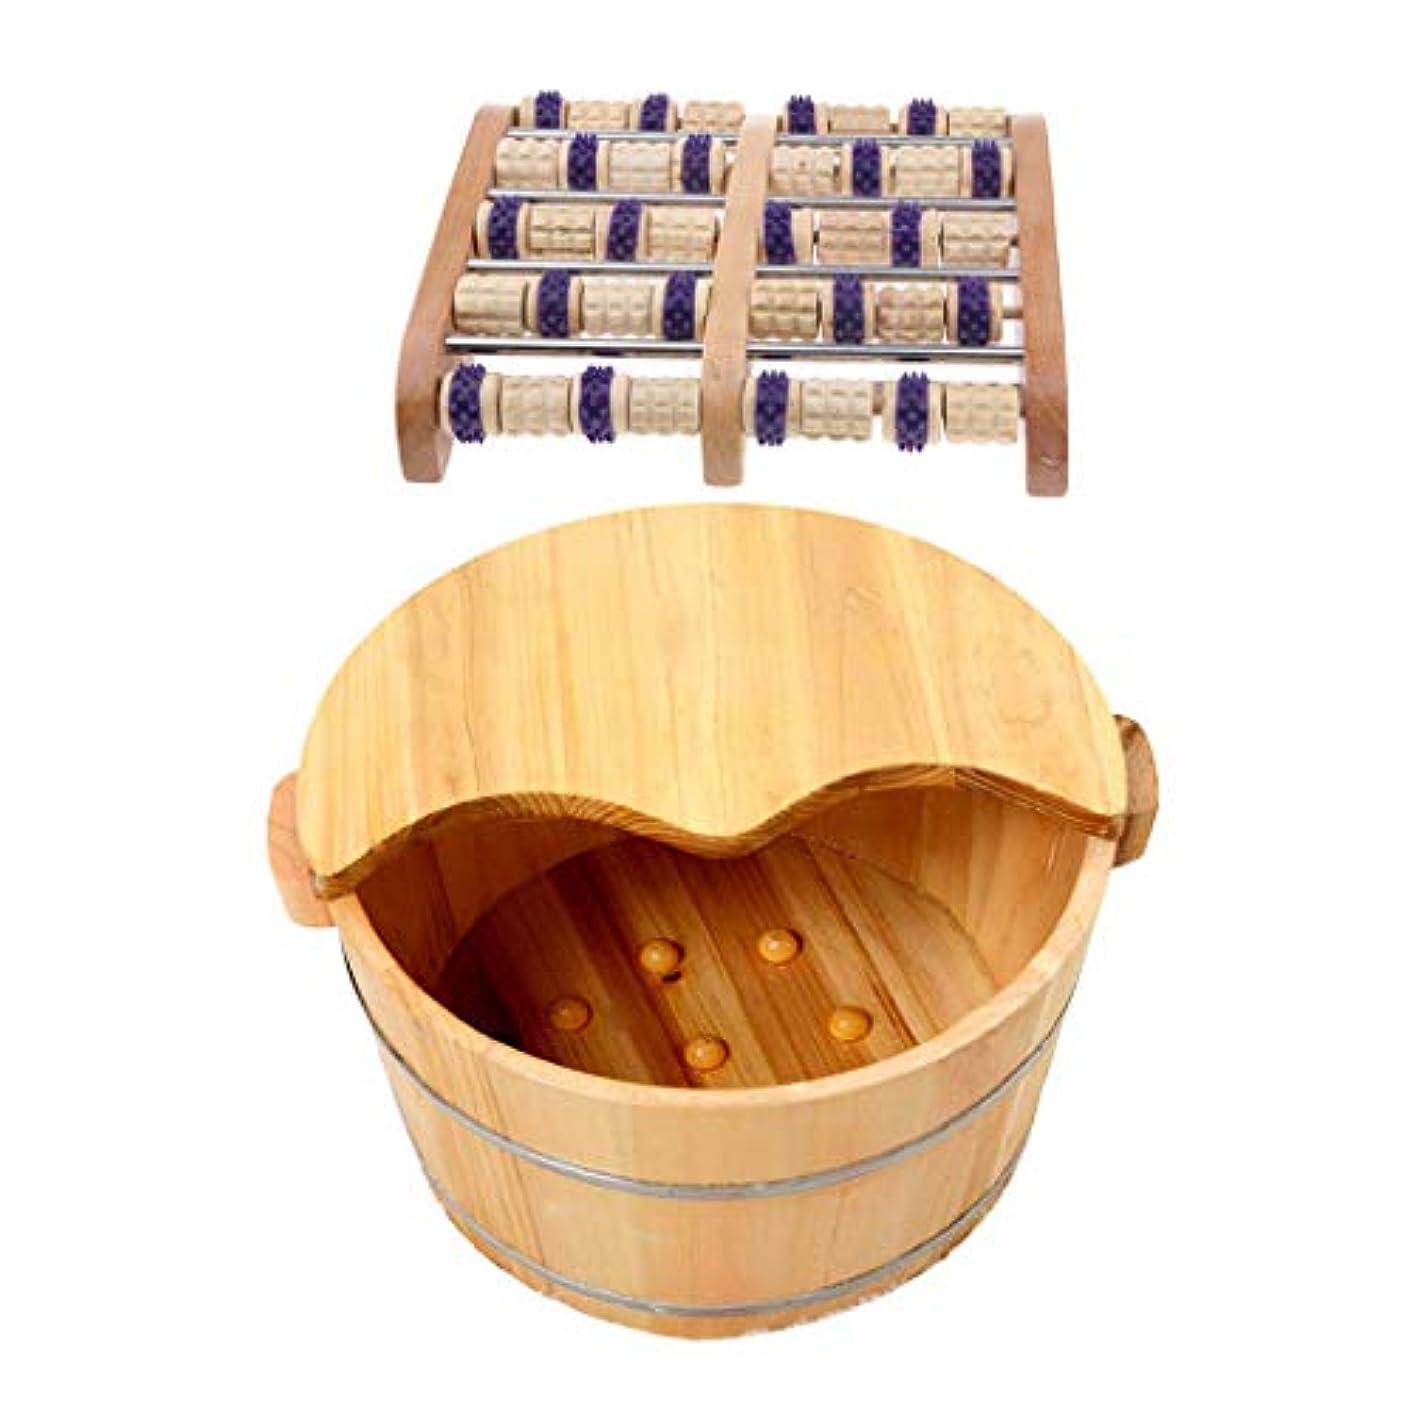 近代化する献身できないFenteer 足つぼマッサージ 手作りウッドマッサー フット ローラー 足裏刺激 血行促進 木製の足の洗面台付き